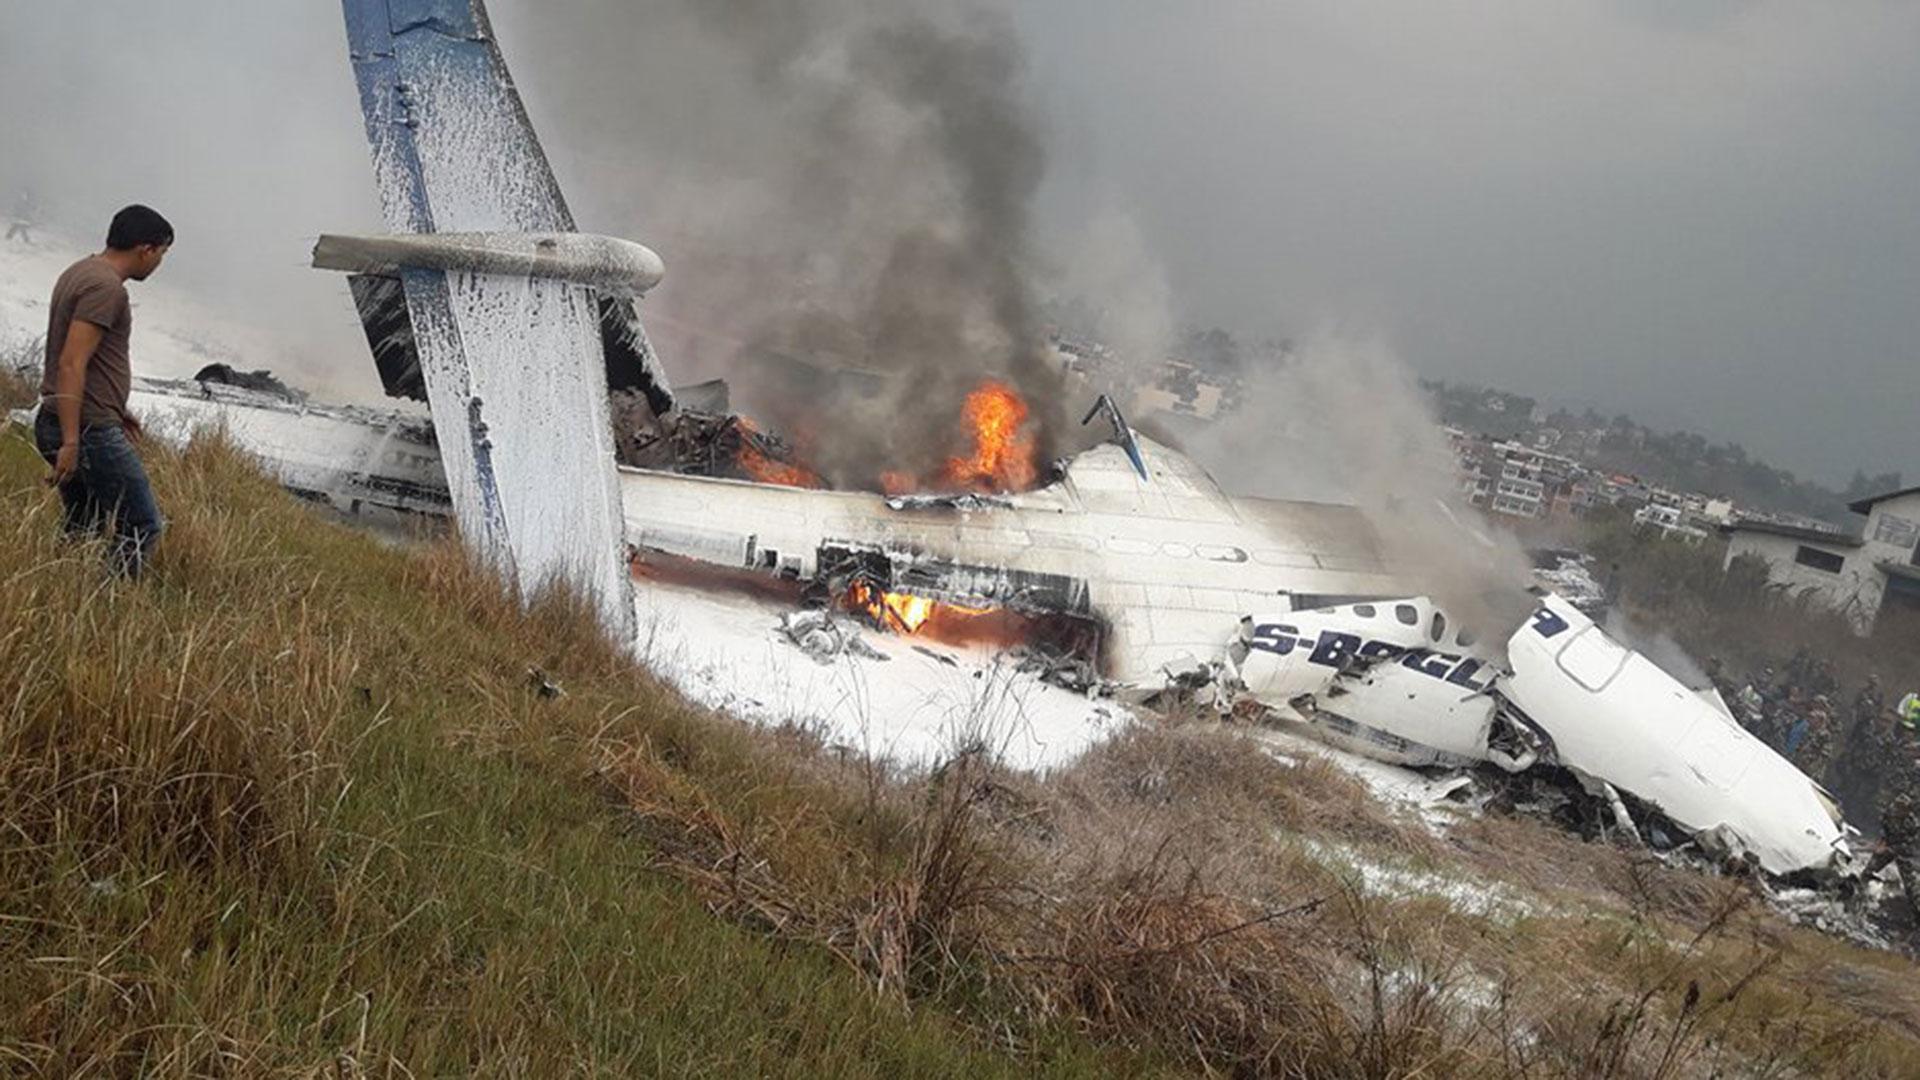 El incendio comenzó después de que el avión no consiguió mantenerse en la pista del aeropuerto